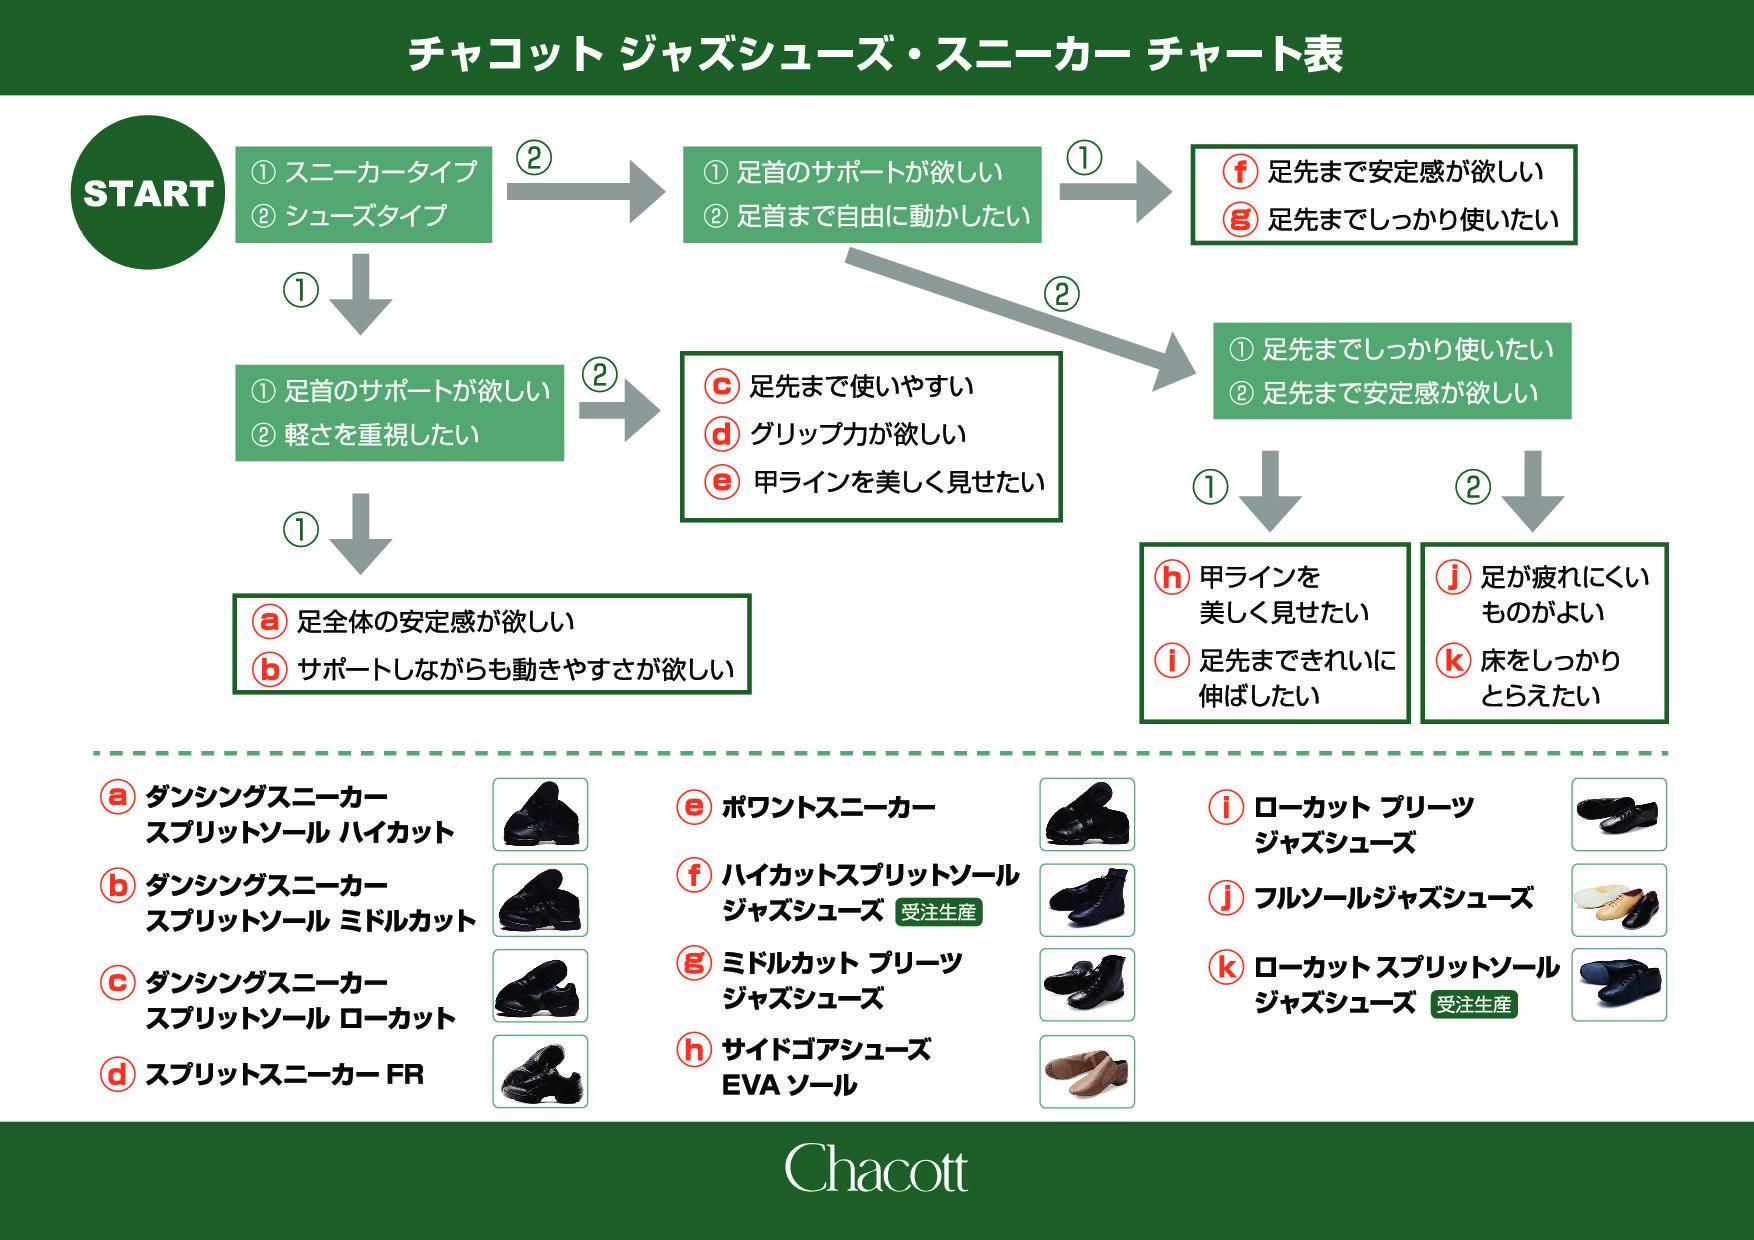 斉藤チャート3.jpg